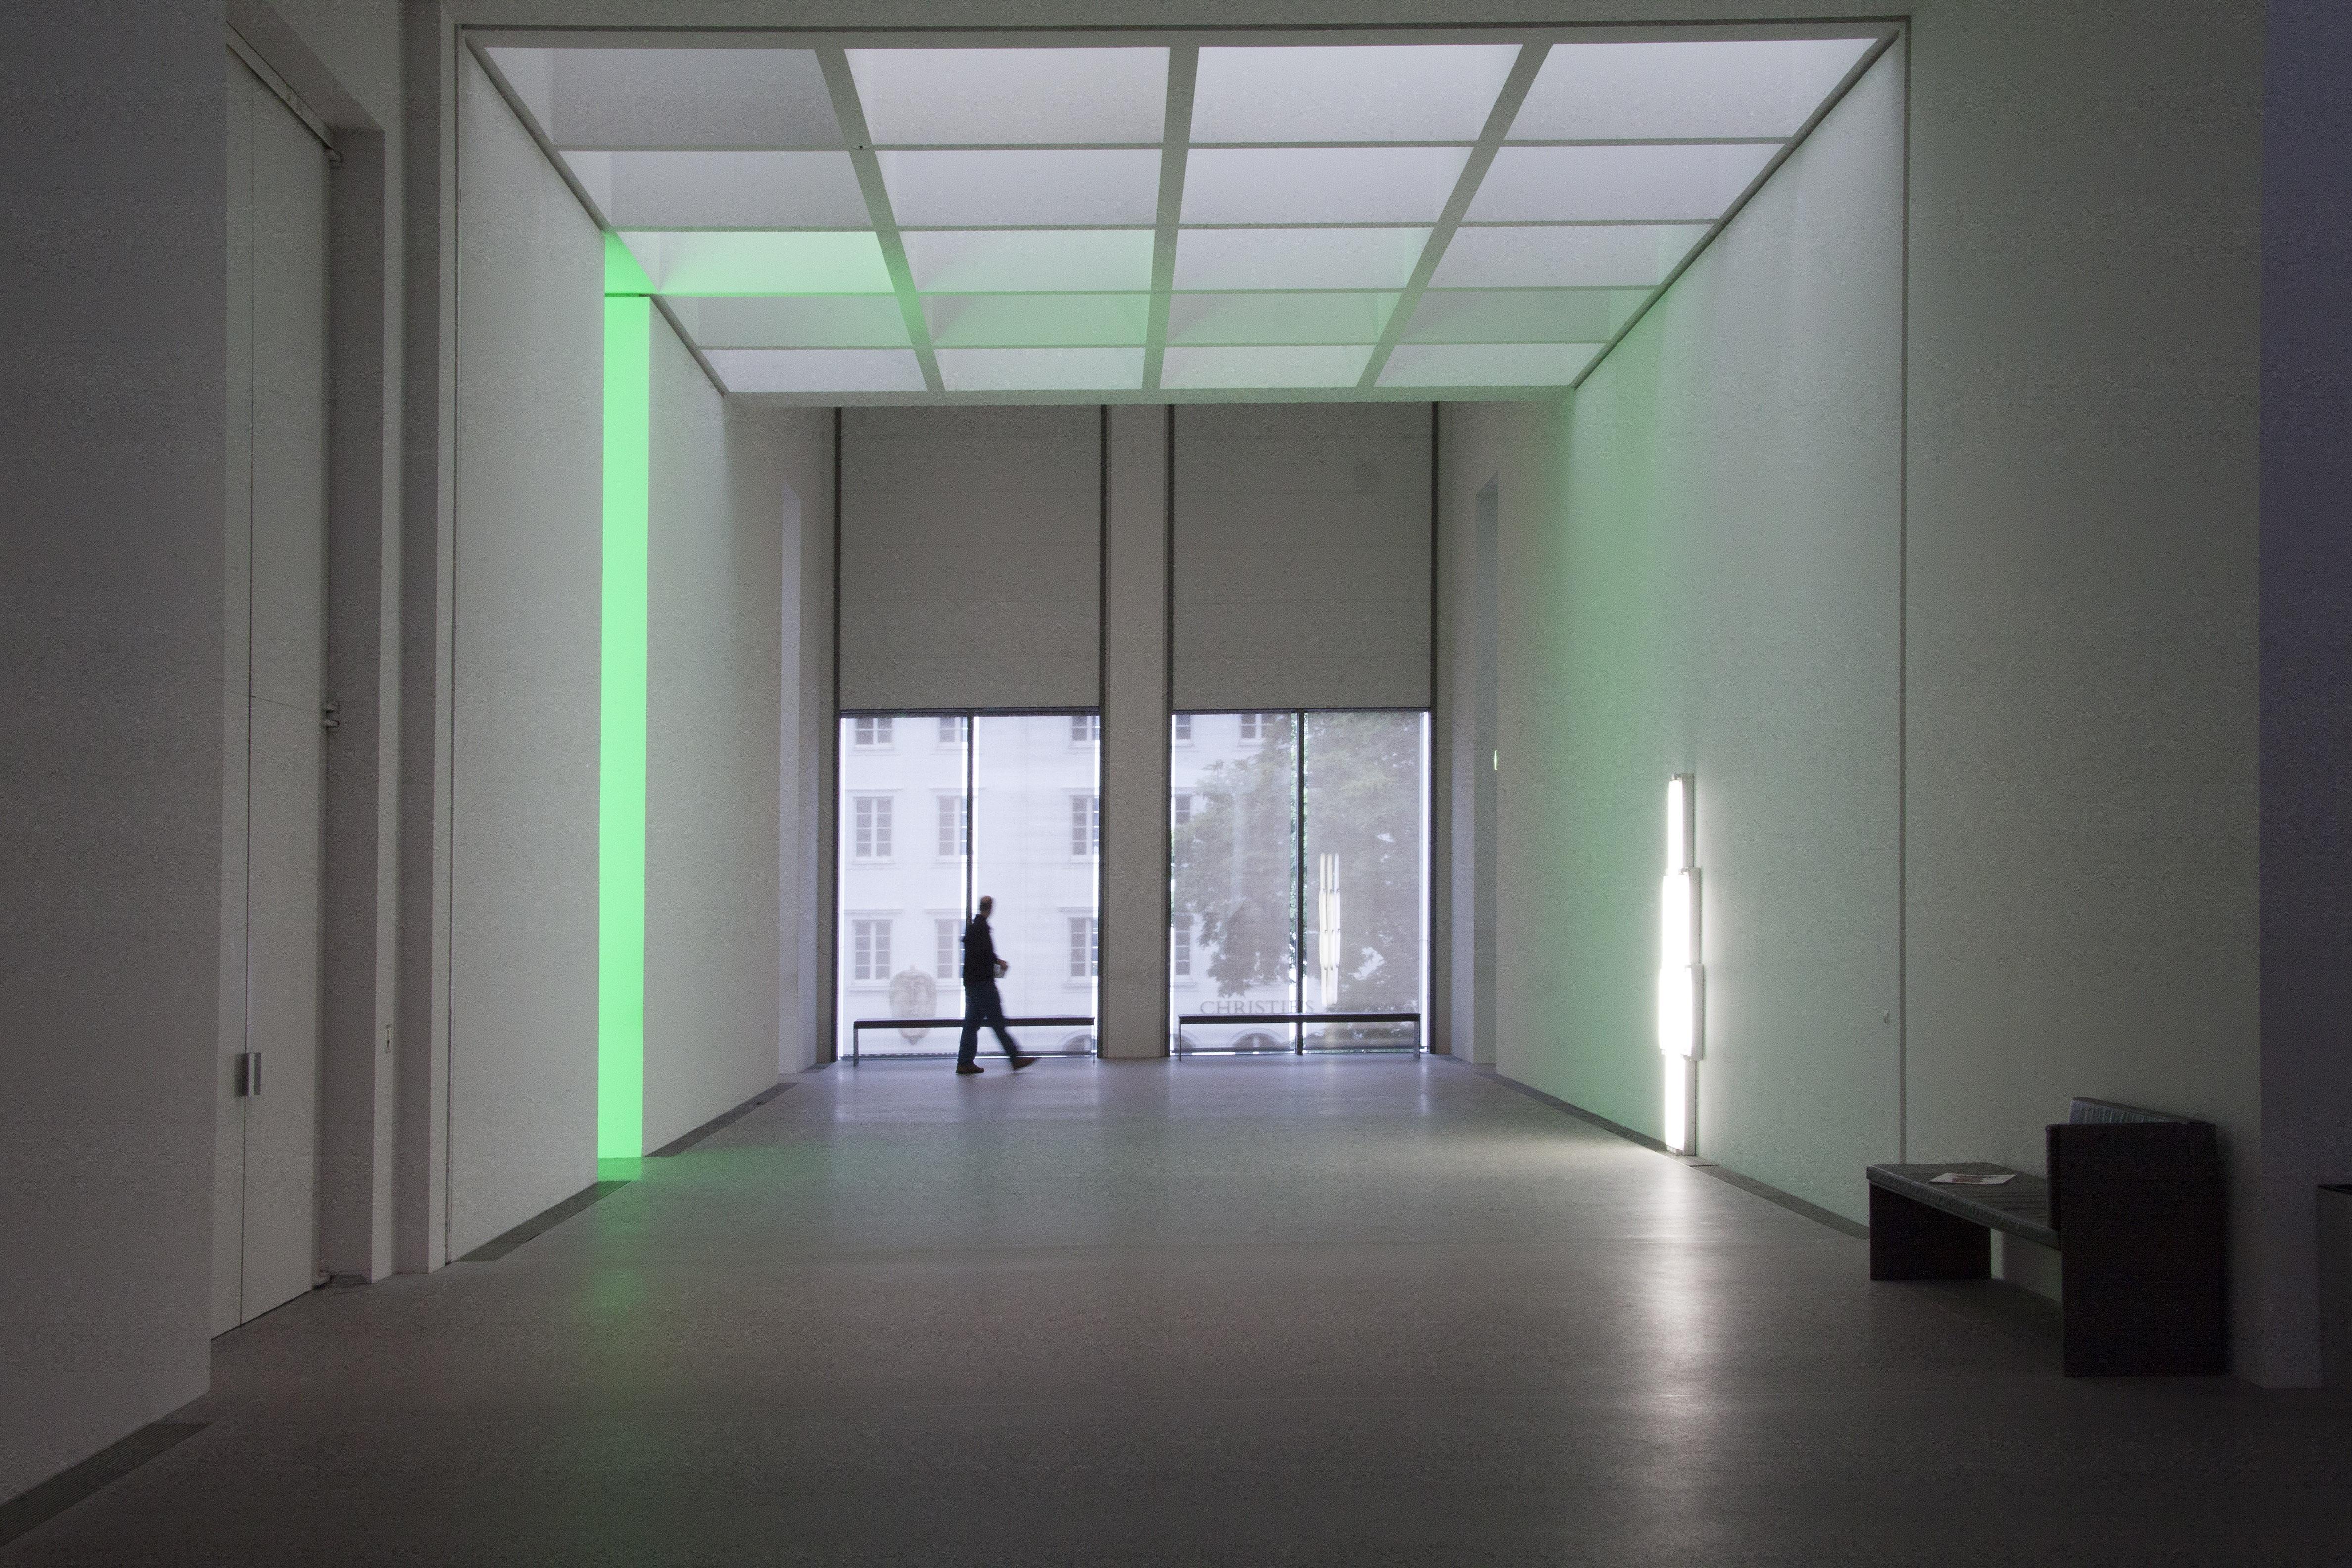 Innenarchitektur Halle kostenlose foto die architektur stock decke halle eigentum